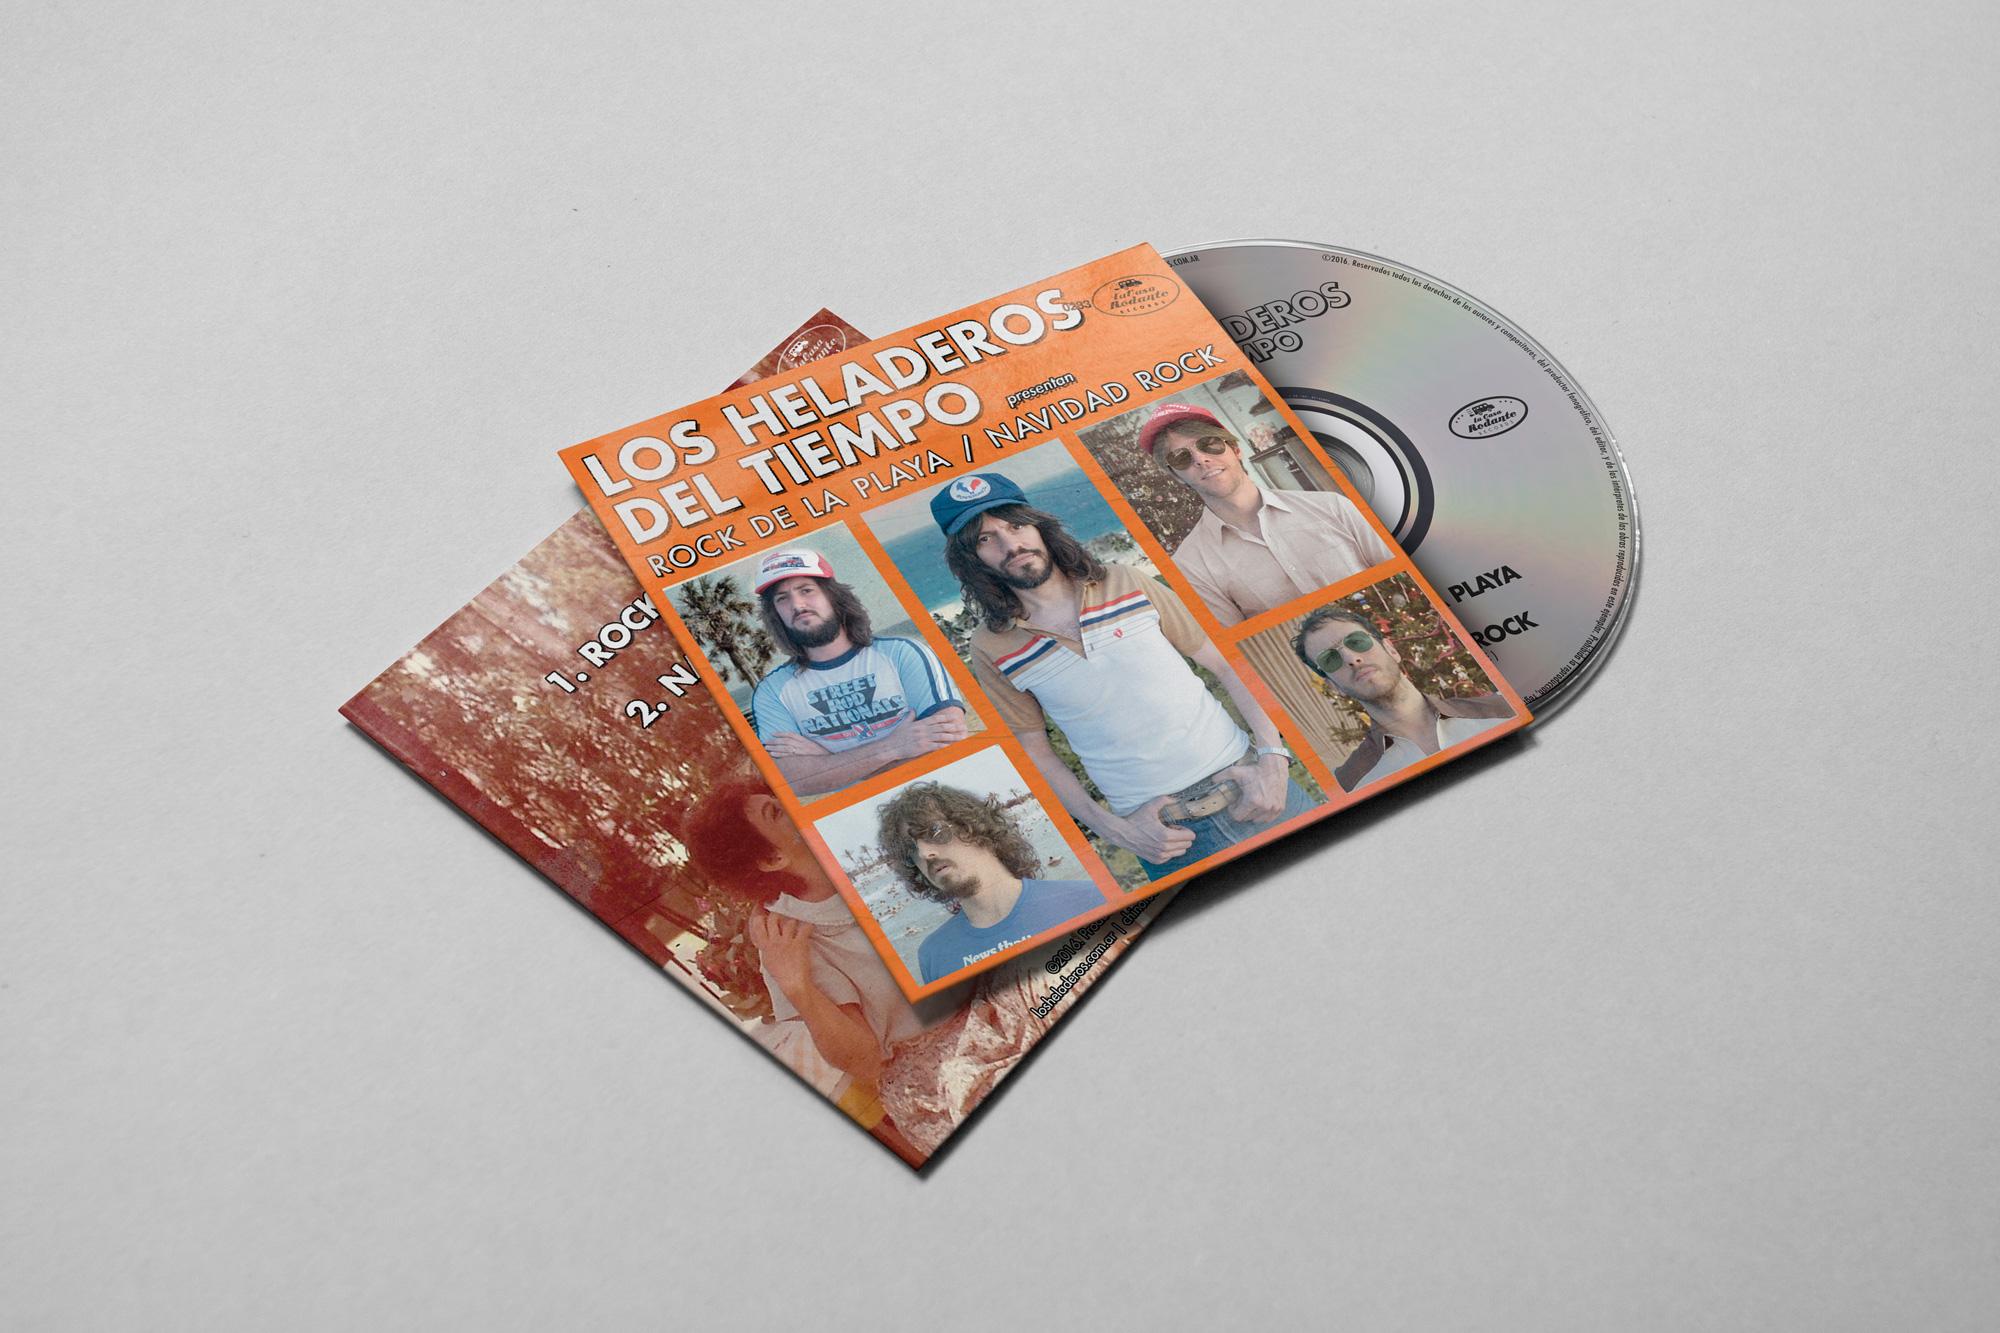 LOS-HELADEROS-DEL-TIEMPO-EP-2016-NAVIDAD-ROCK